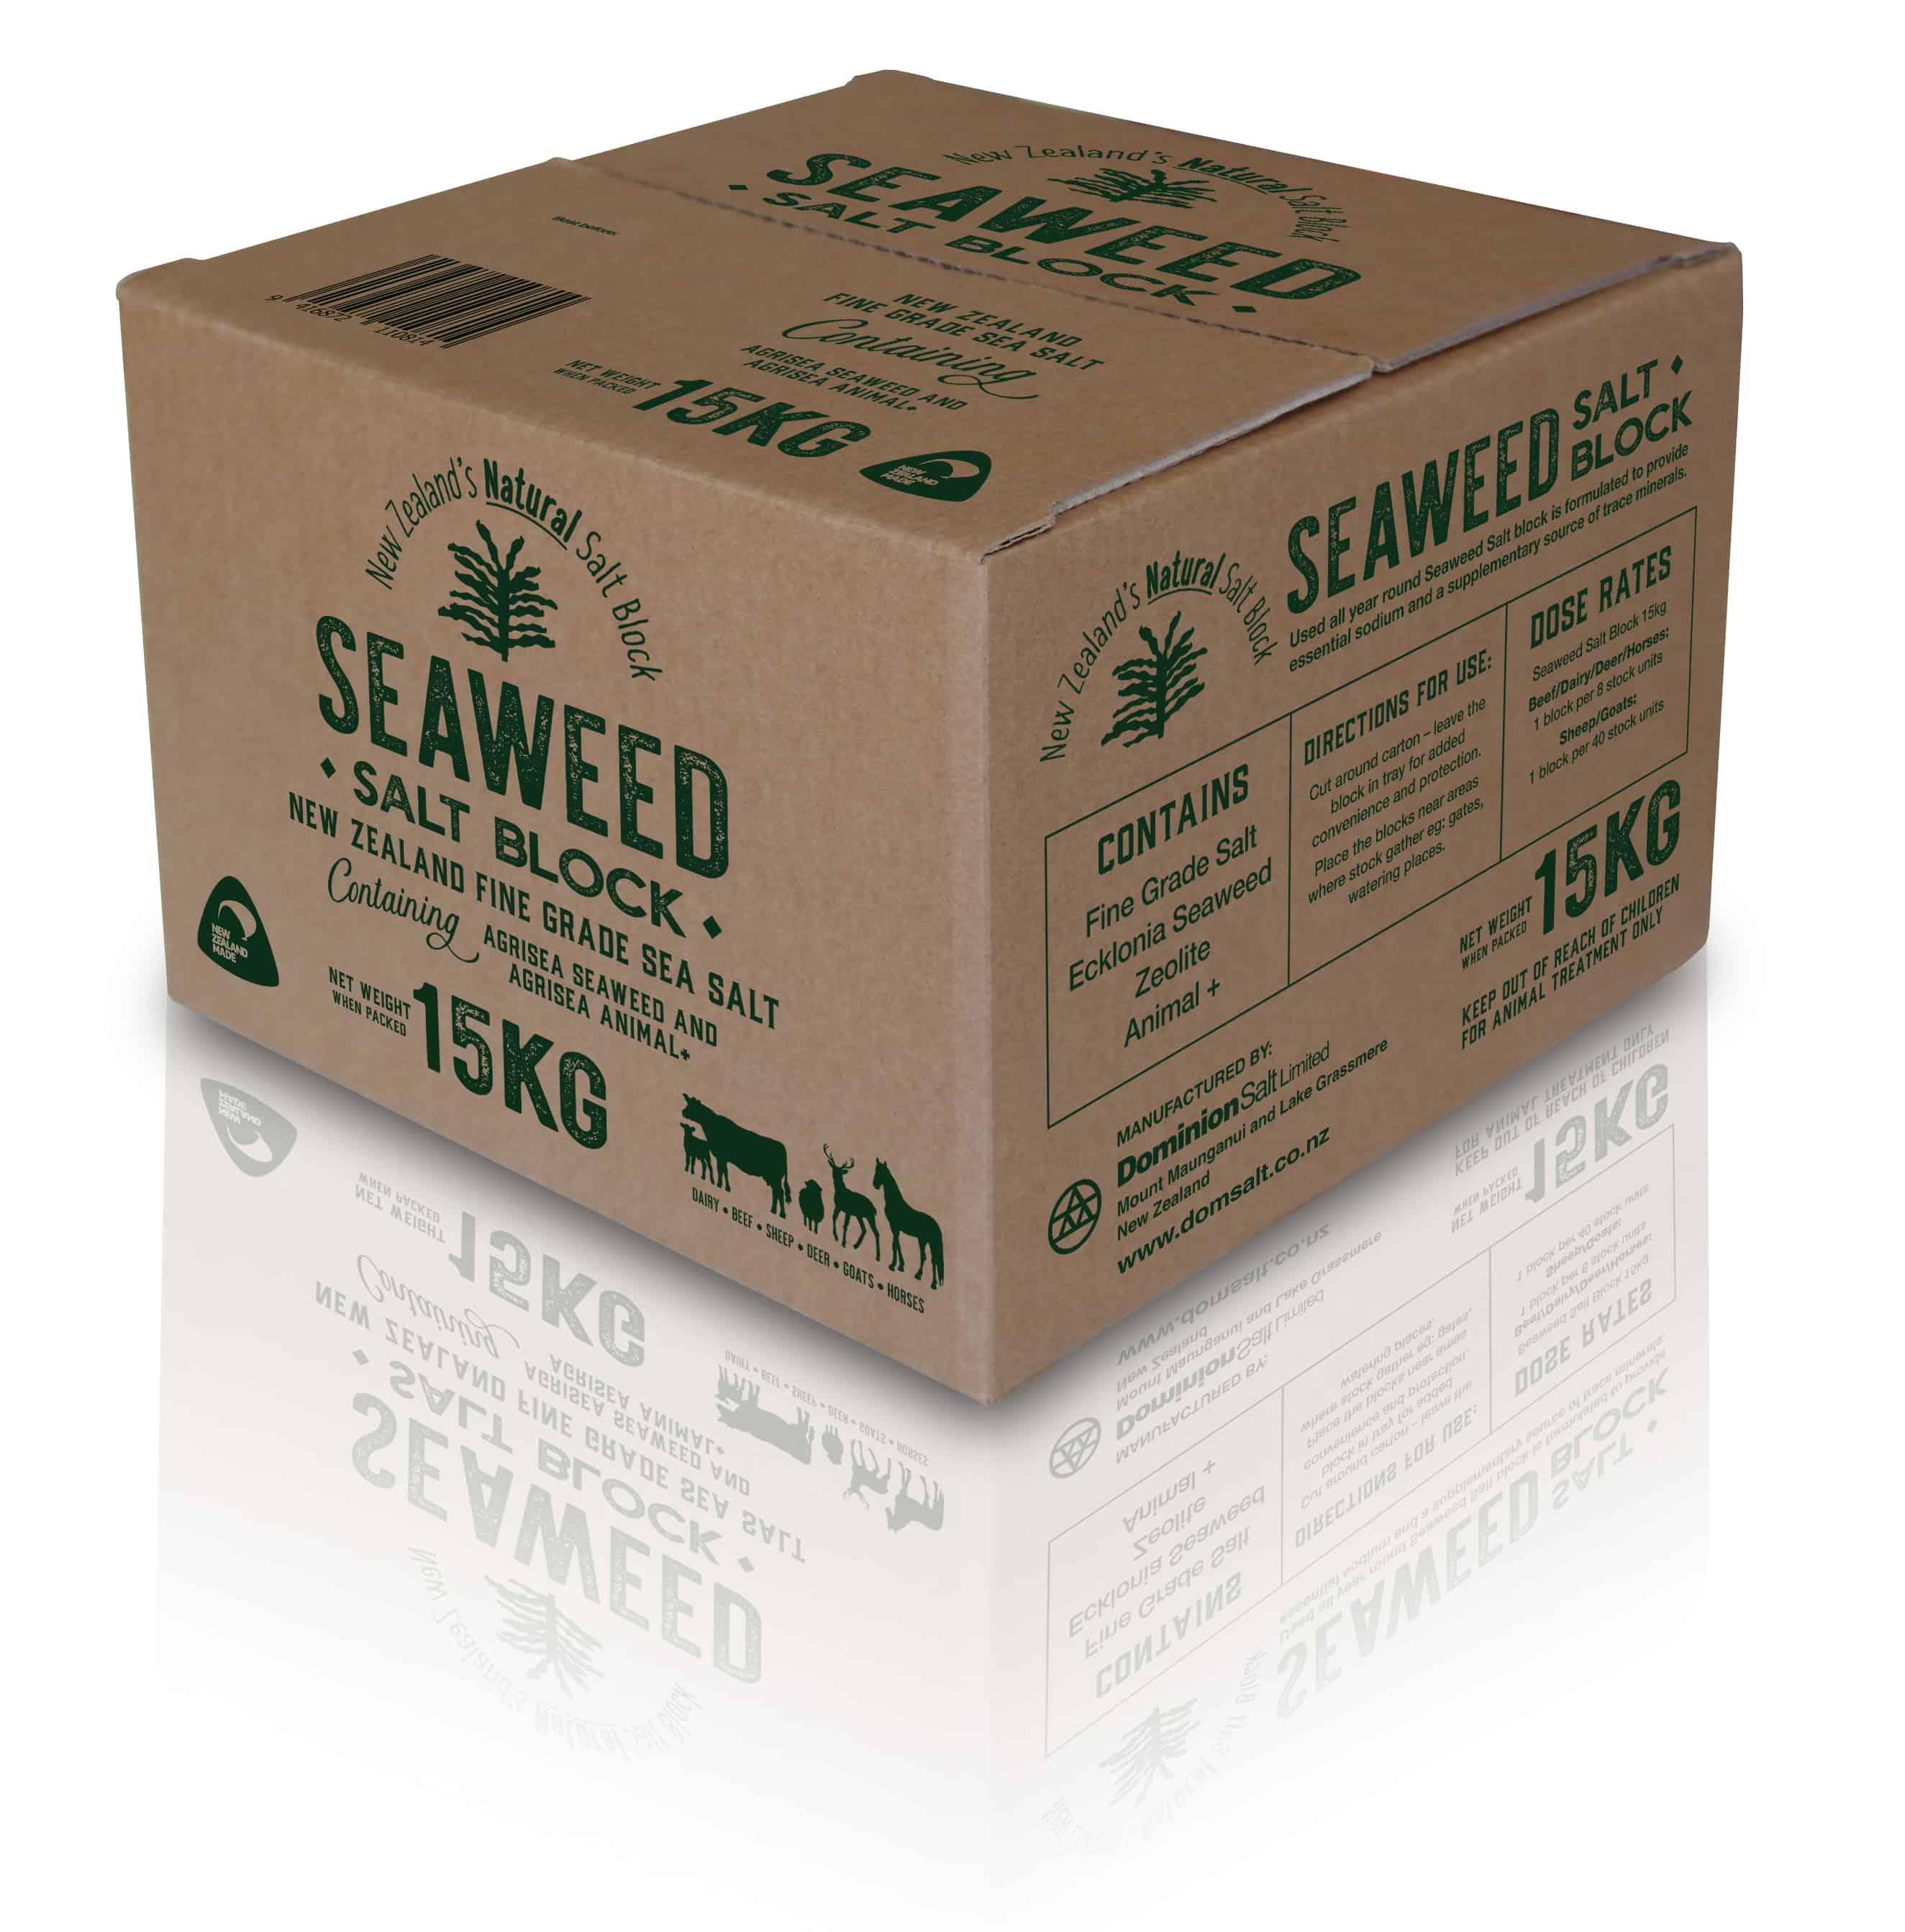 New Zealand's Natural Seaweed